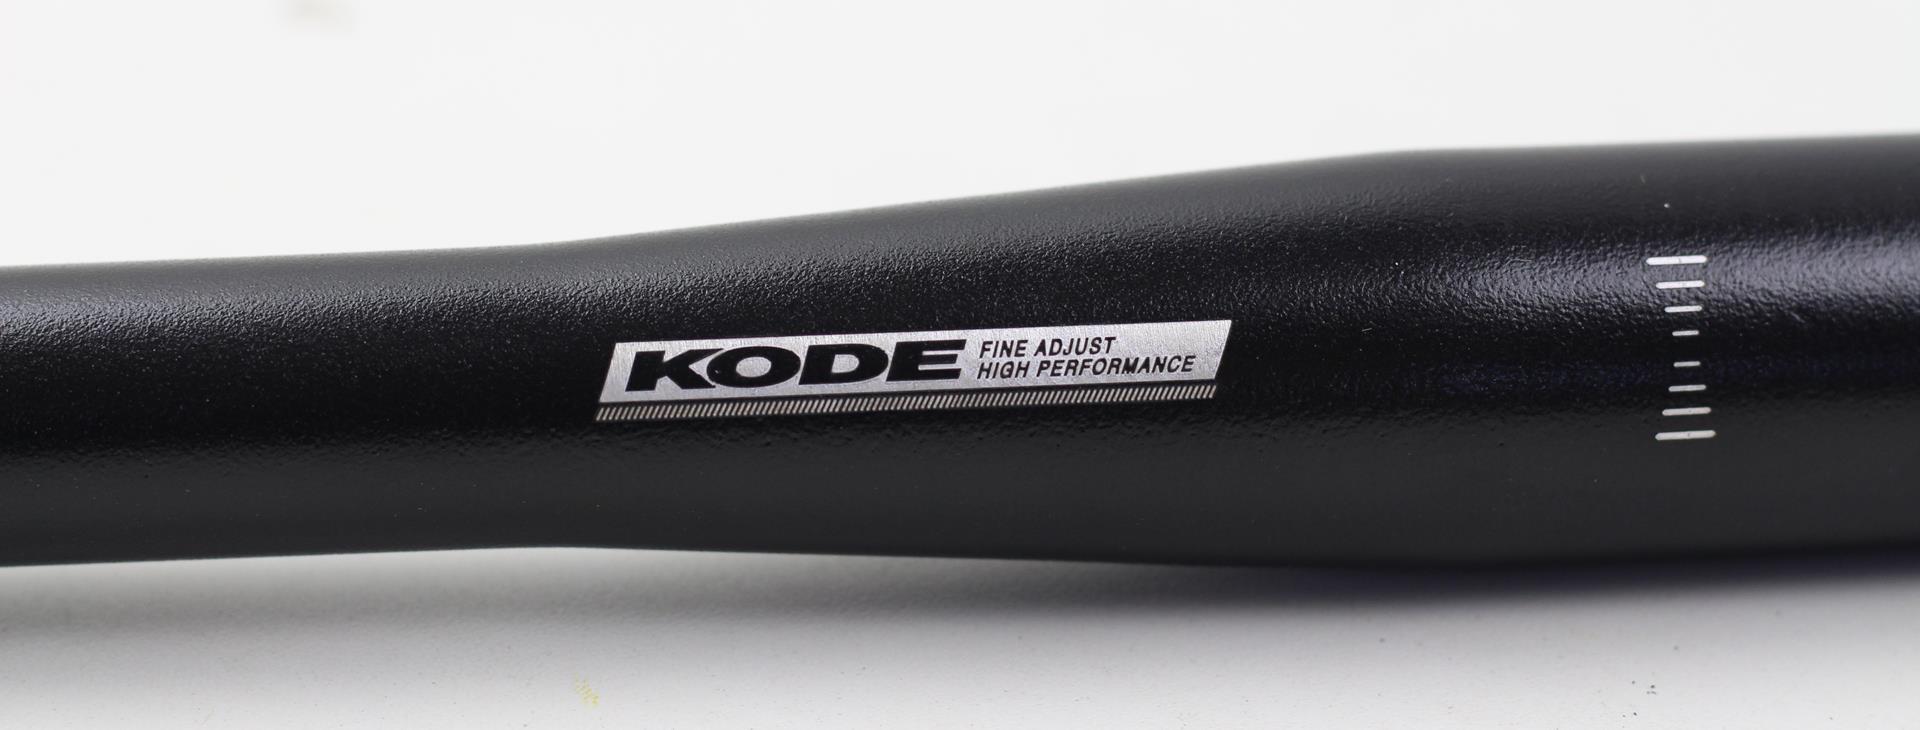 Guidão Bicicleta Mtb Kode em Alumínio 720mm 31.8mm Reto Flat Cor Preto 334 gramas